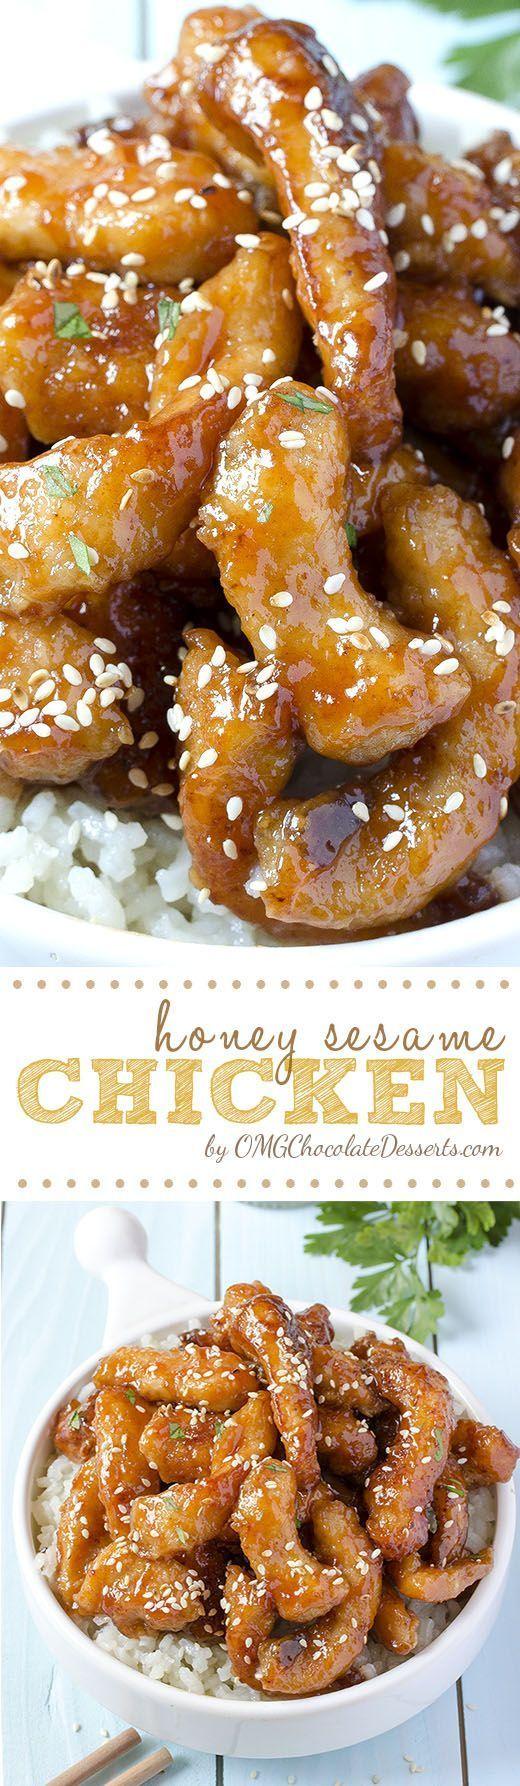 Sesame Chicken Honey Sesame Chicken - easy baked chicken recipe. Fried chicken pieces in a sticky sweet and savory honey sesame sauce.Honey Sesame Chicken - easy baked chicken recipe. Fried chicken pieces in a sticky sweet and savory honey sesame sauce.